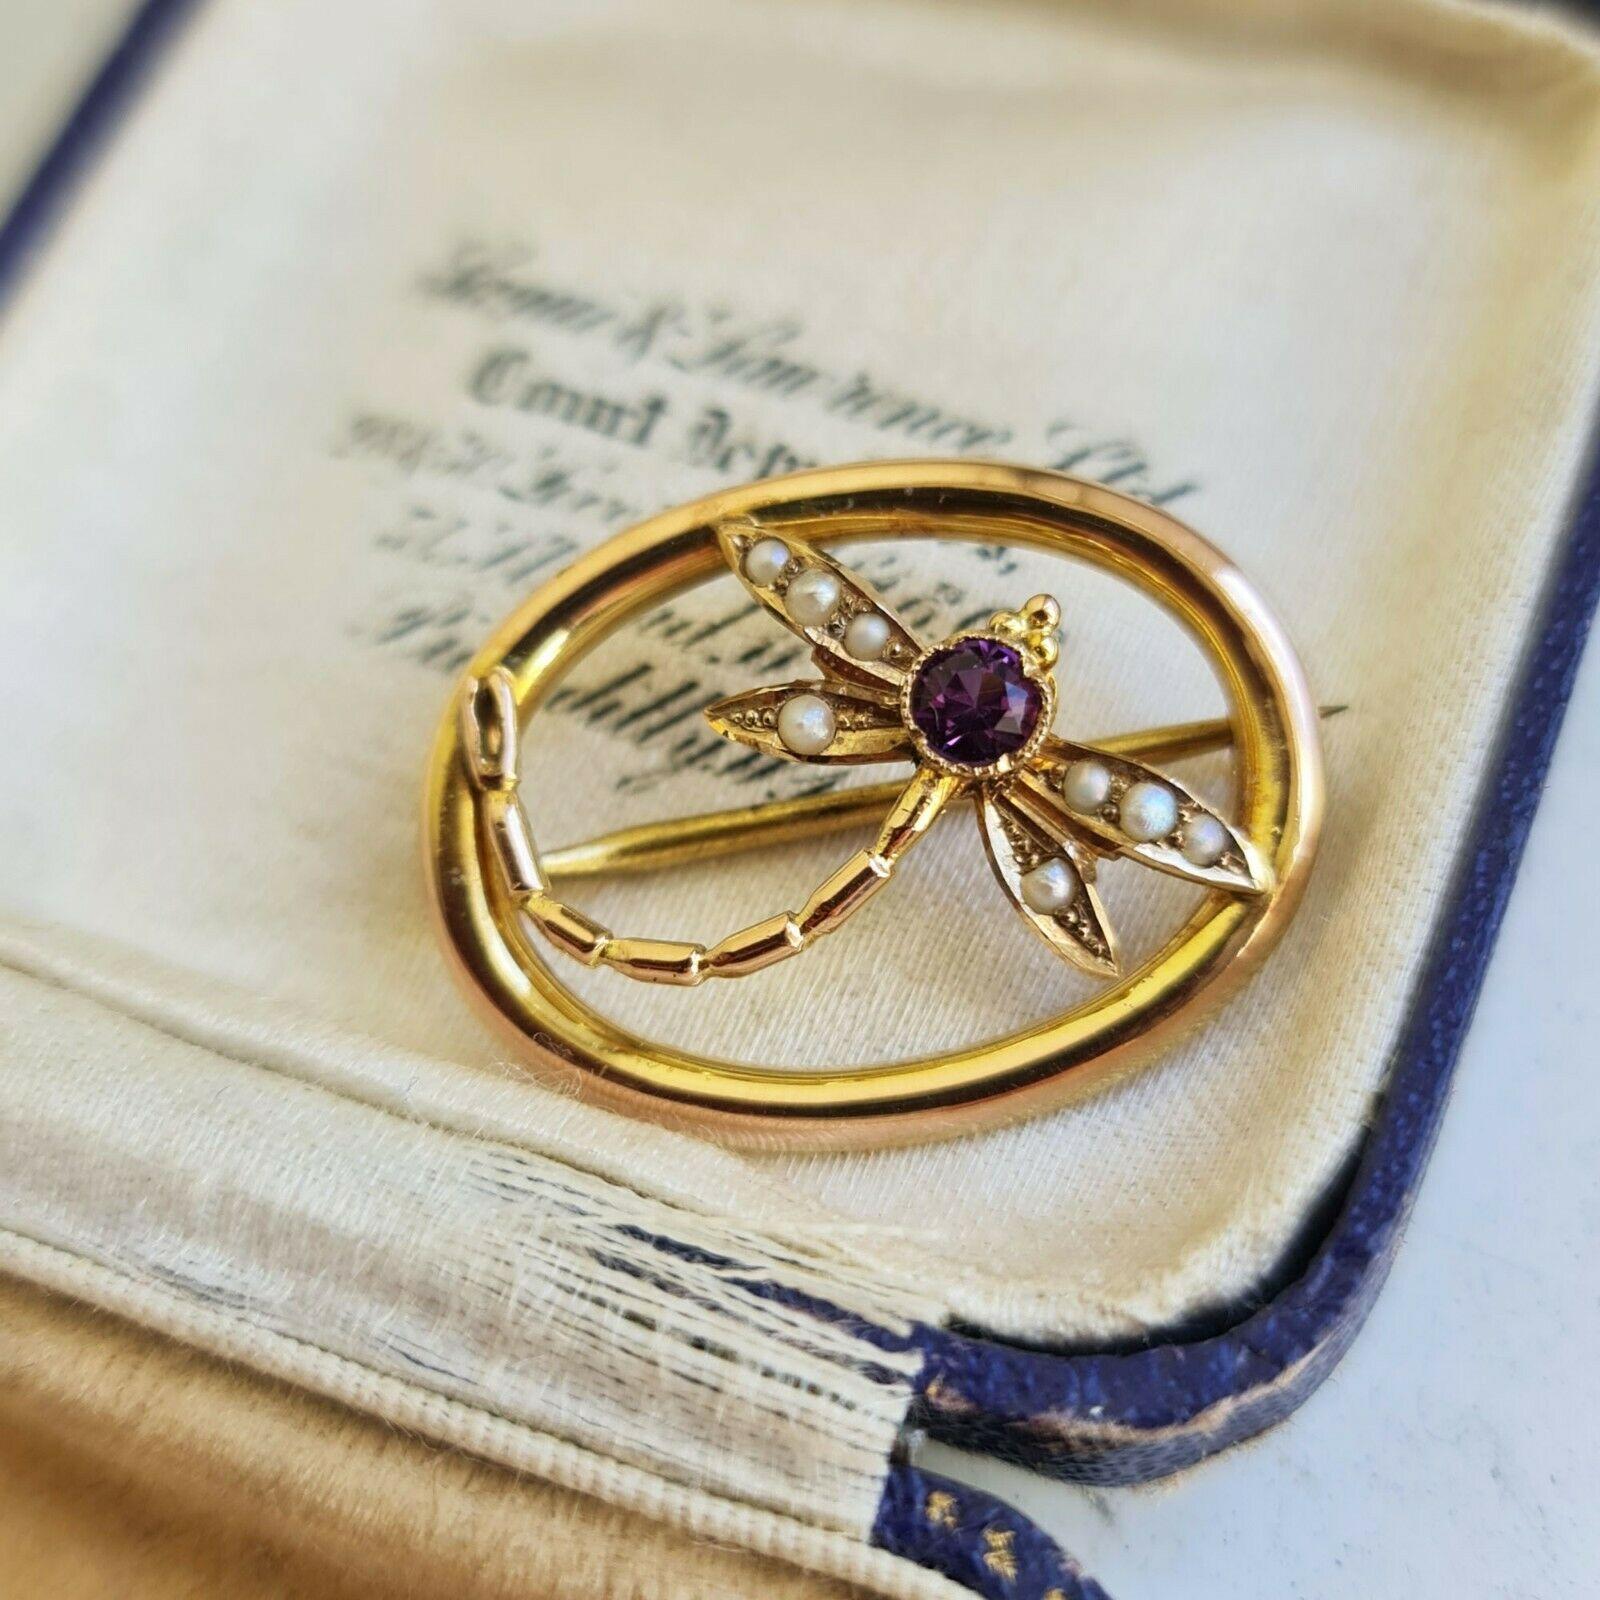 Edwardian 9ct, 9k, 375 Gold Amethyst & Pearl dragonfly brooch, Circa 1905